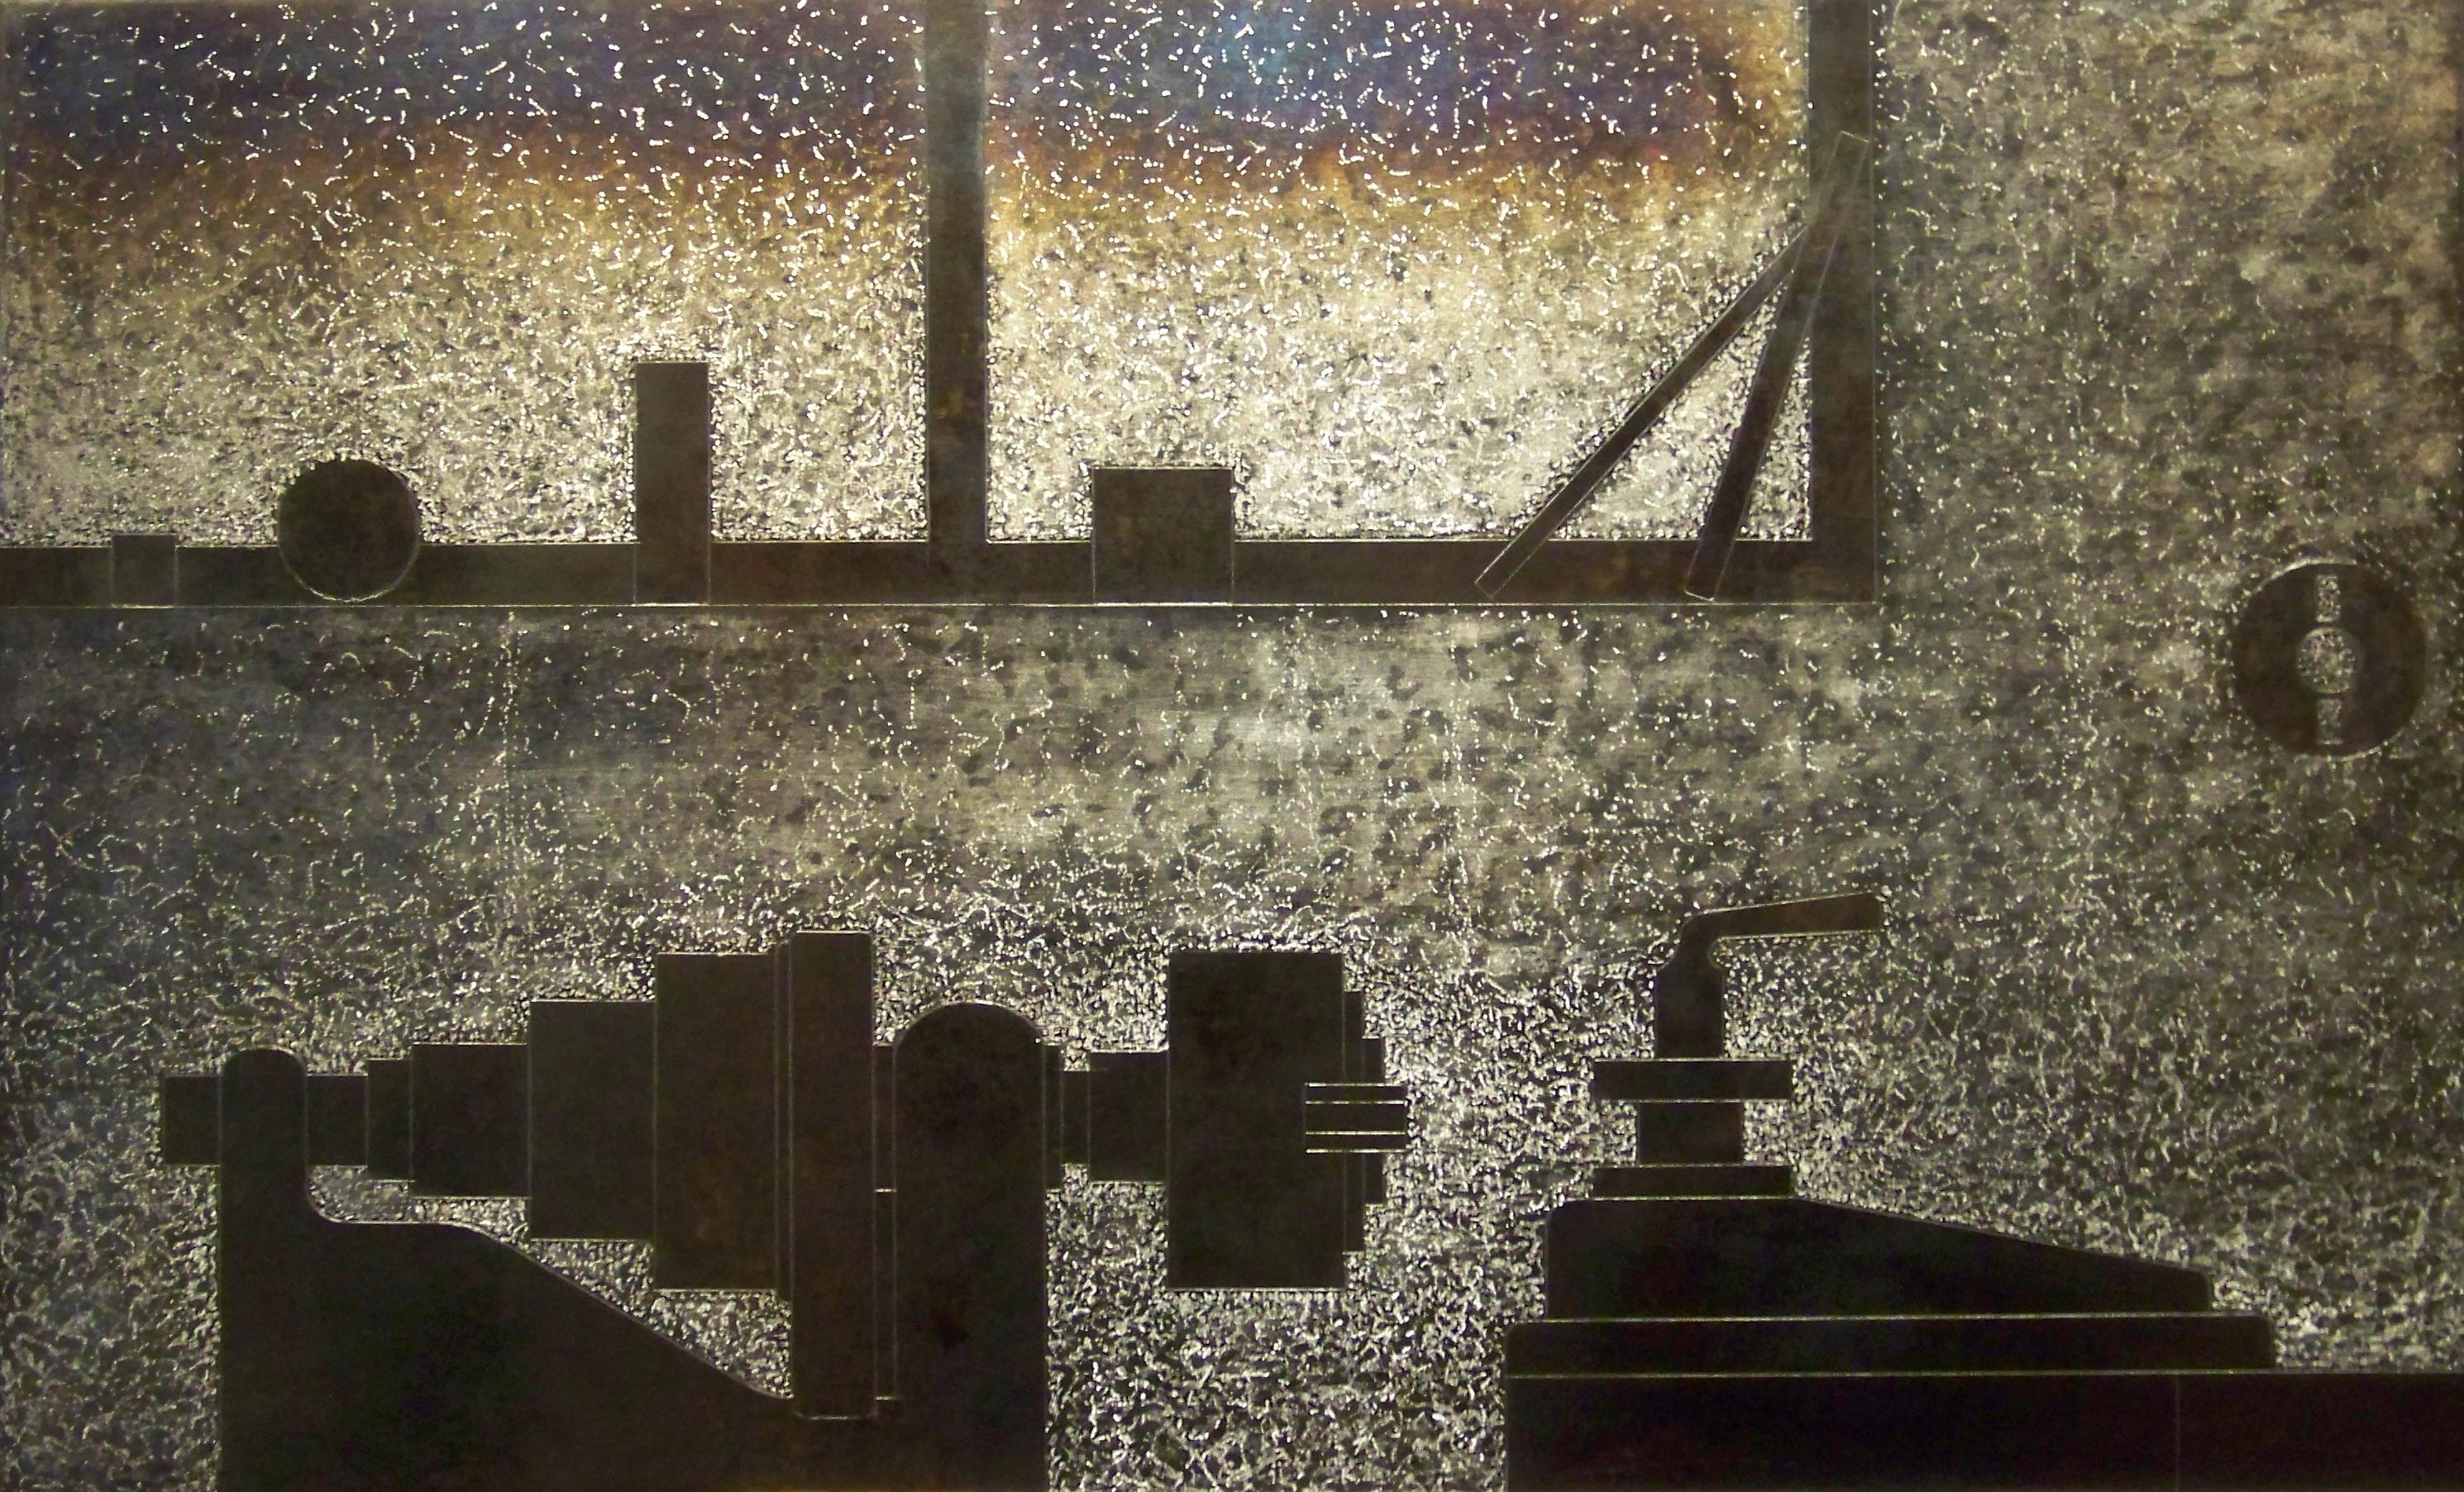 2.Komposisjon med dreiebenk, 2011, 40 x 66 x 0,6 cm, oljebrent, slipt og anløpt stål